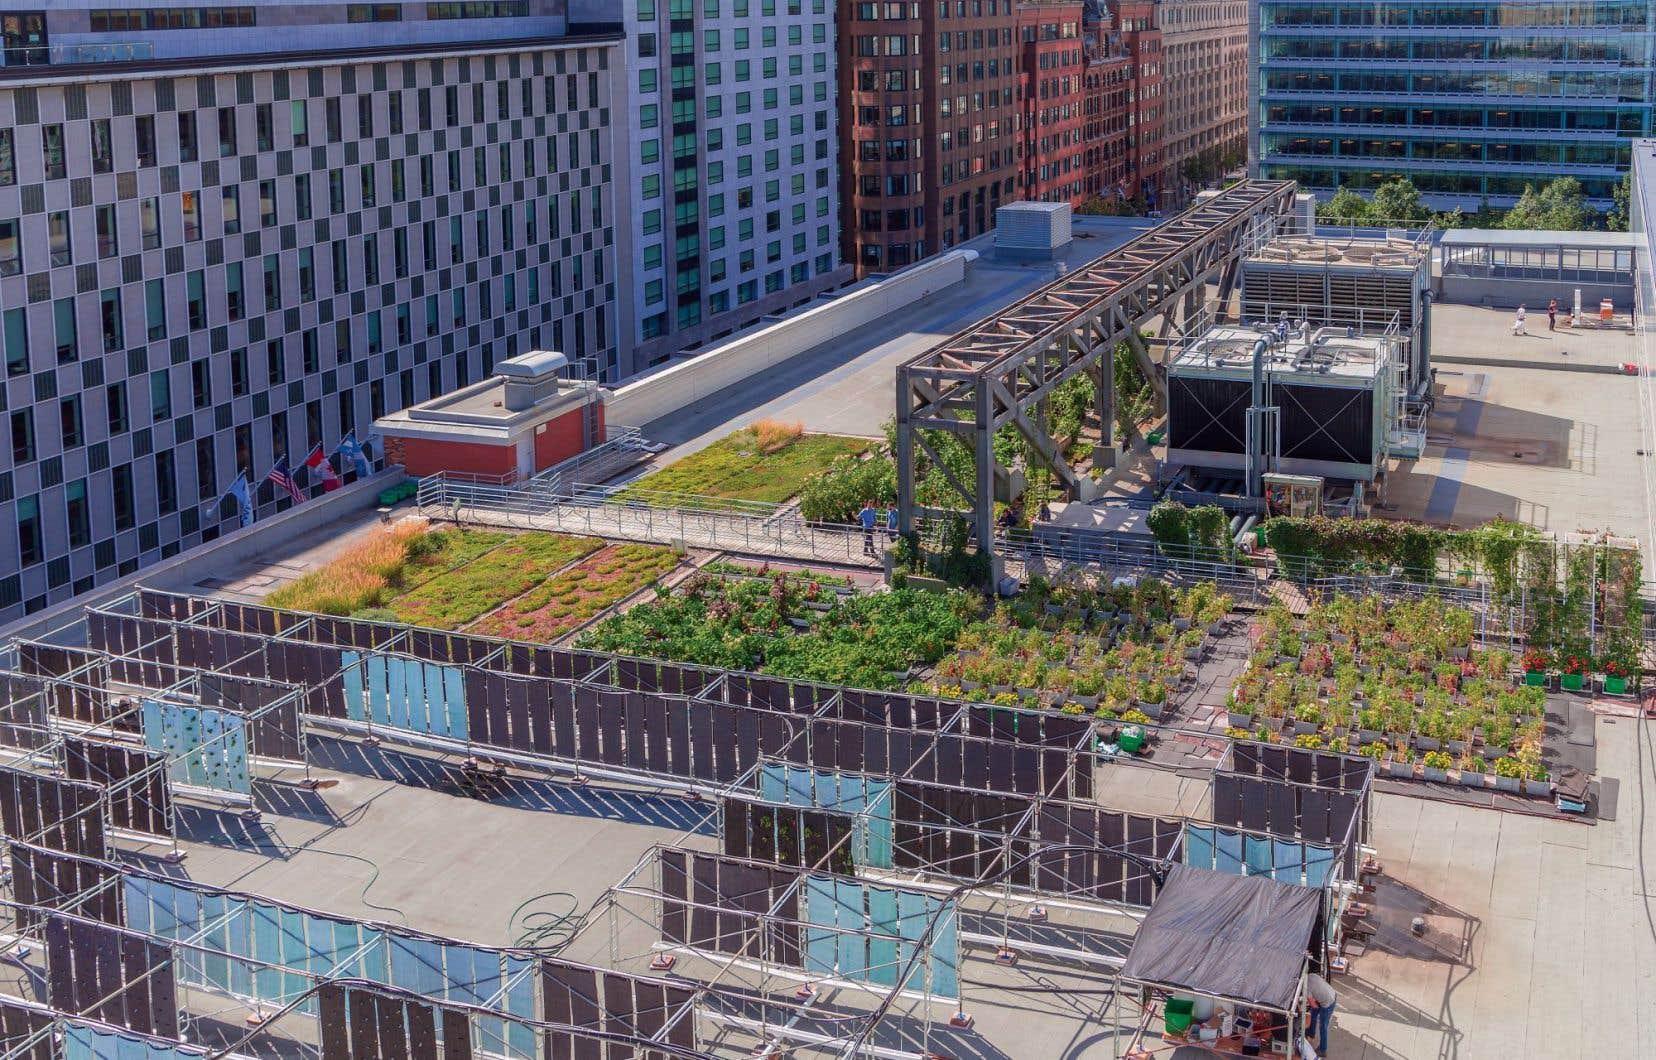 Il devrait bientôt être possible d'aller faire de l'autocueillette sur le toit vert du Palais des congrès de Montréal.